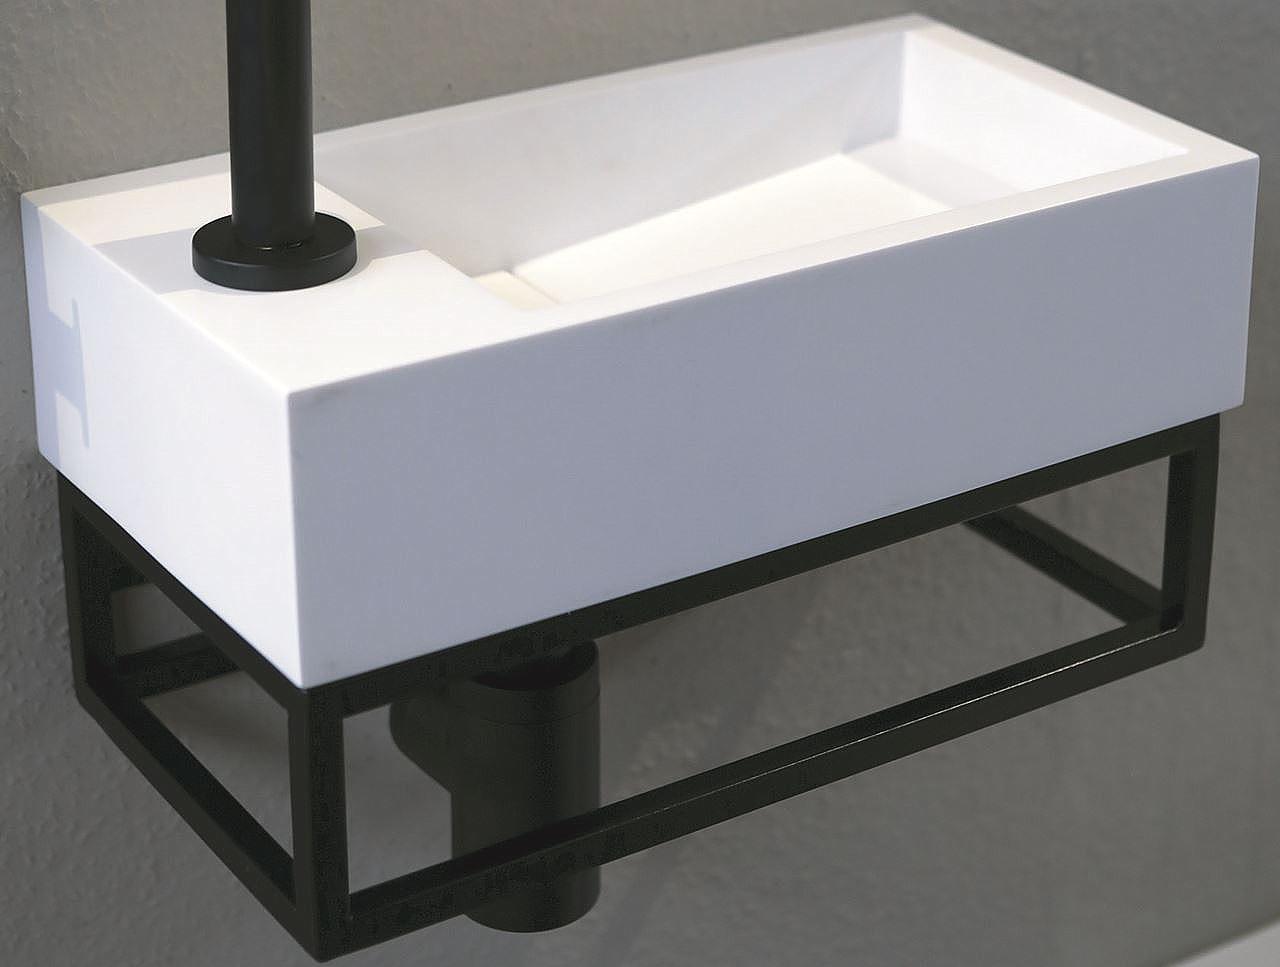 Zwarte Kraan Toilet : Luca sanitair fonteinset met luca steel frame zwart en solid surface